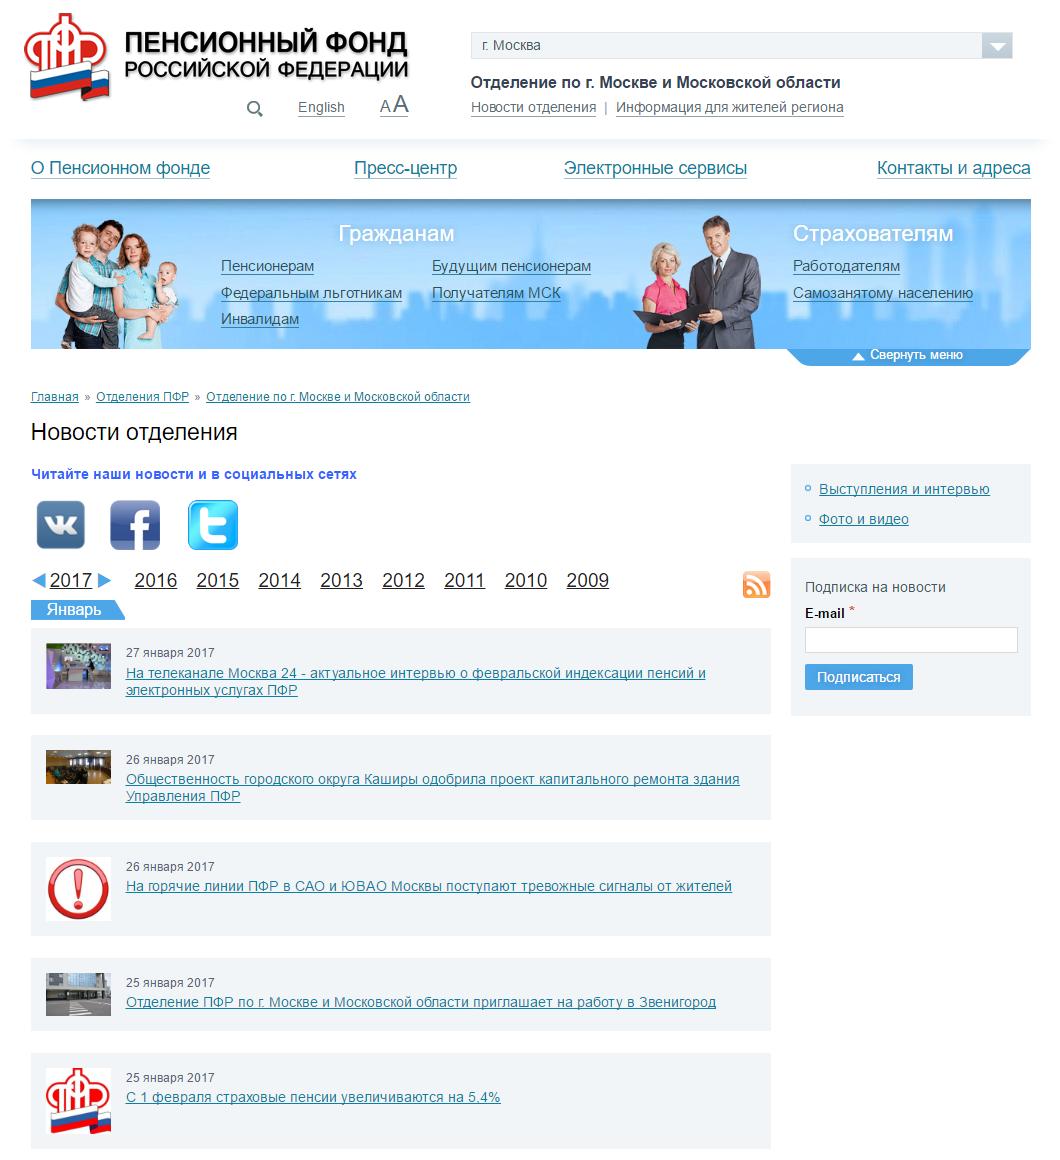 Личный кабинет ПФР (Пенсионный Фонд России)